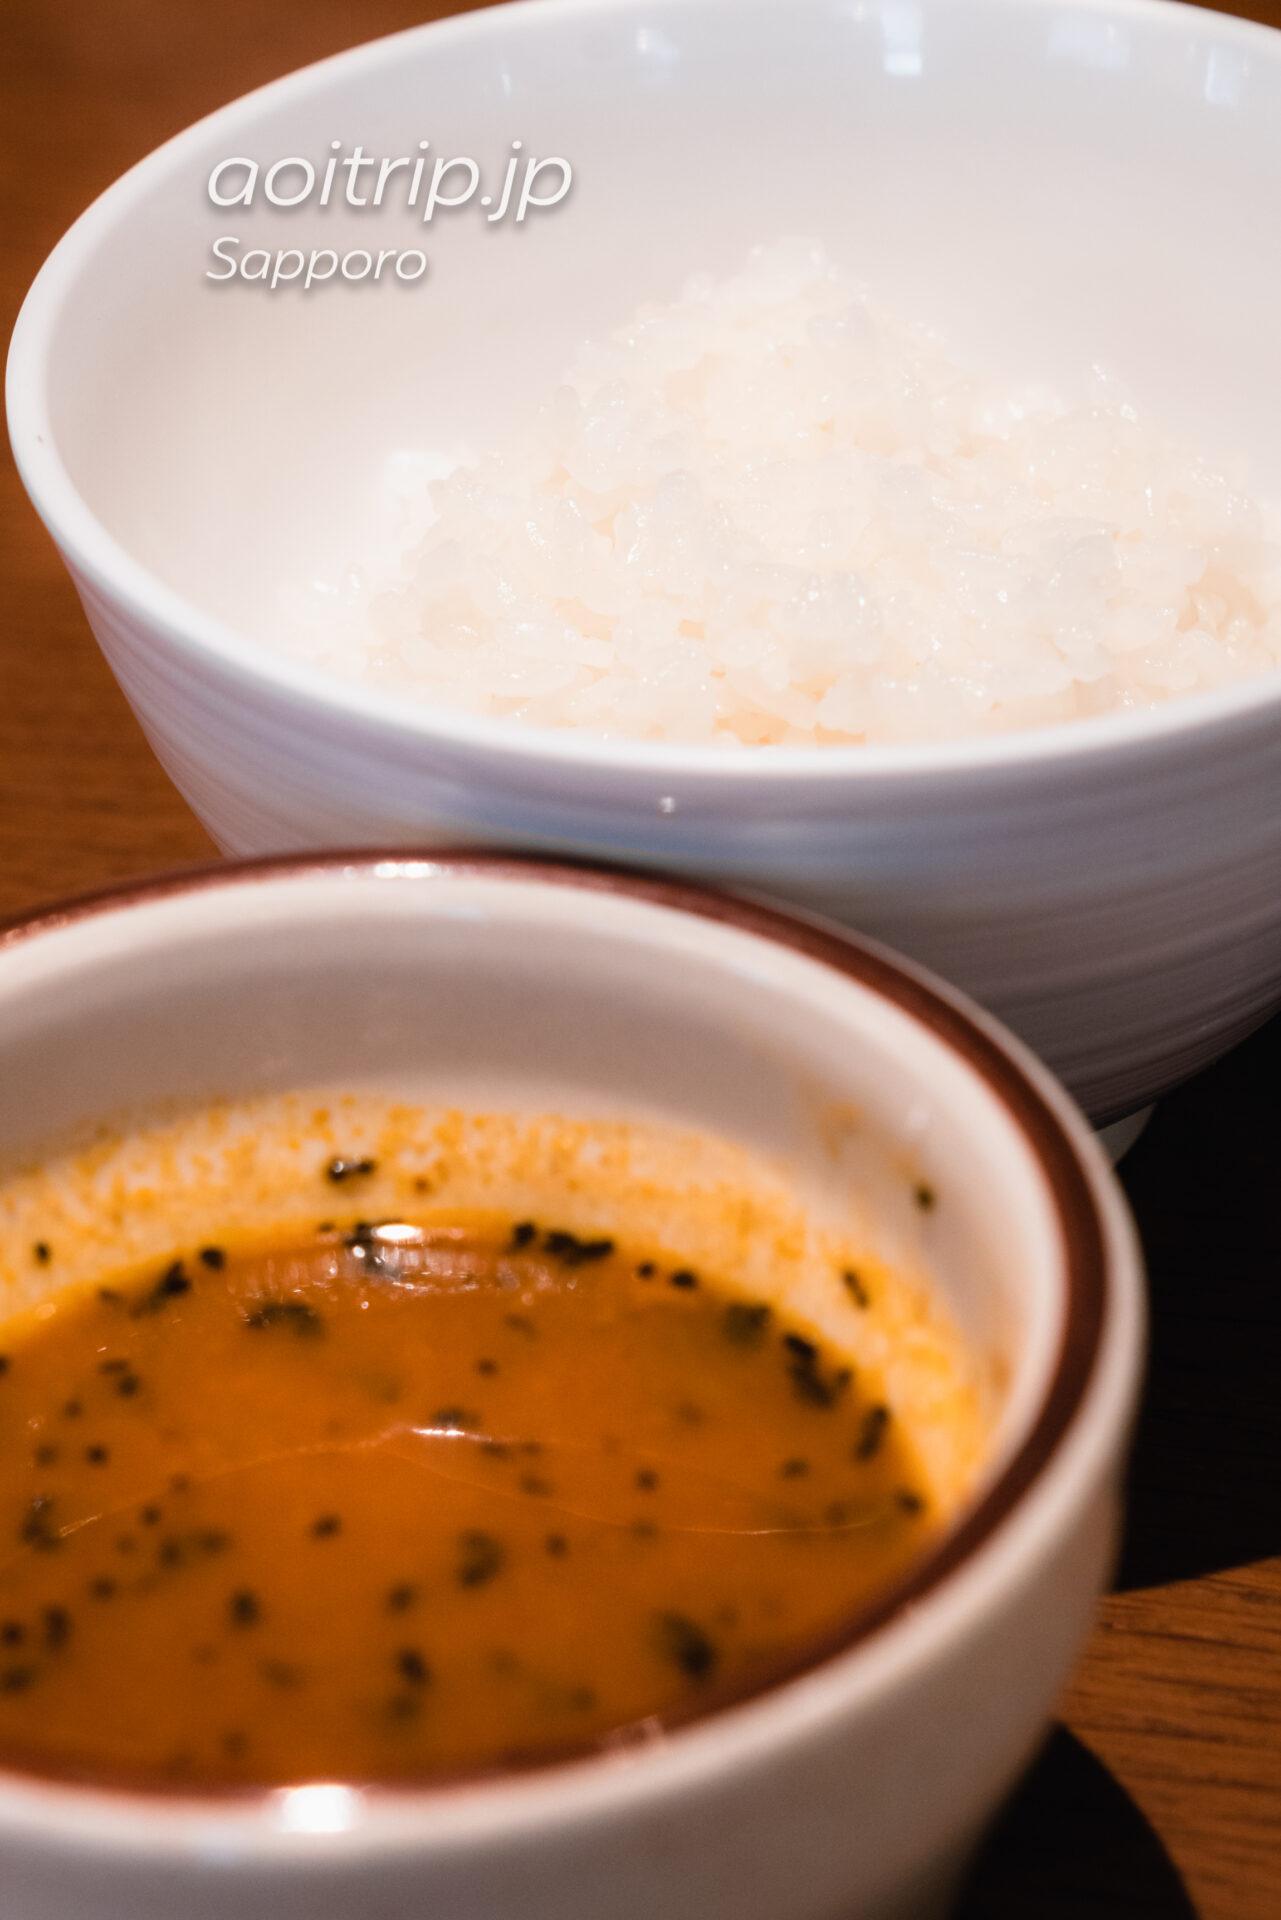 プレミアホテル中島公園 札幌 ビストロ ラ・プロヴァンスの朝食 ホテルメイド スパイシースープカレー